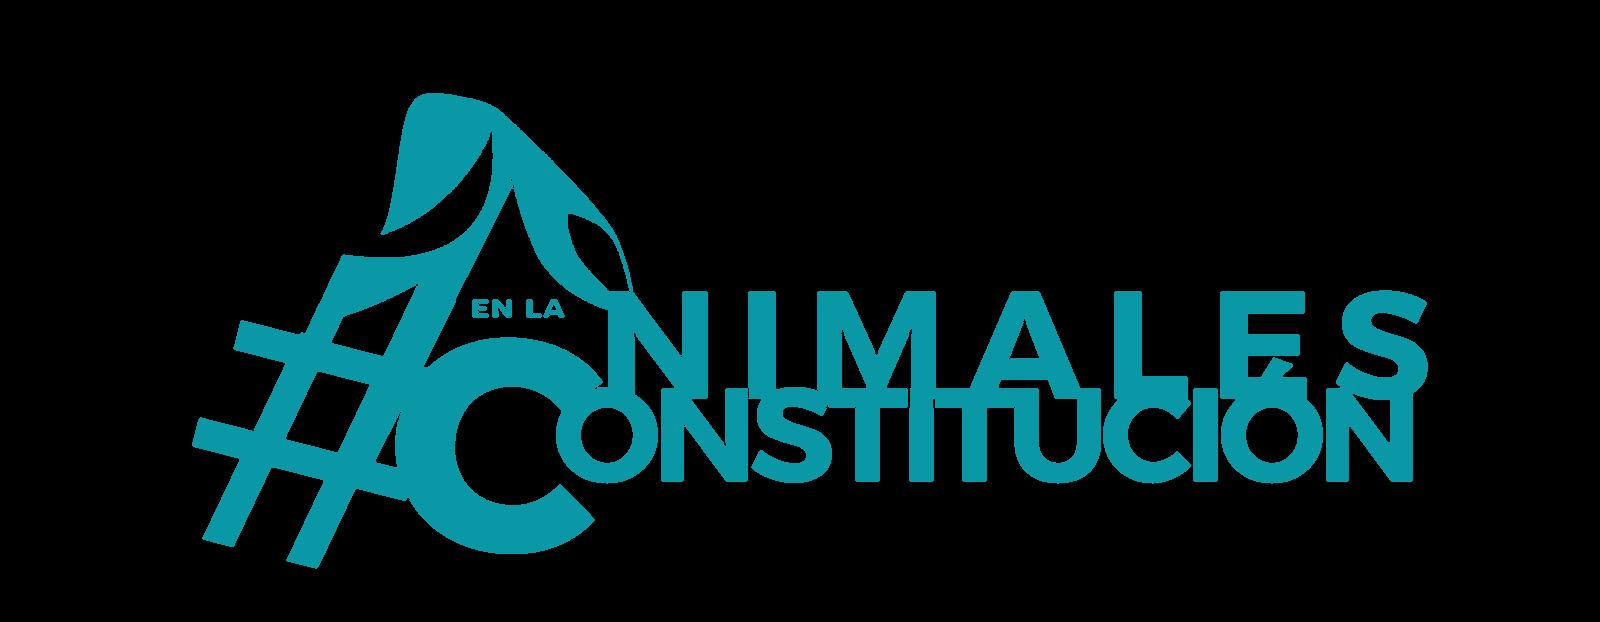 Animales en la Constitución